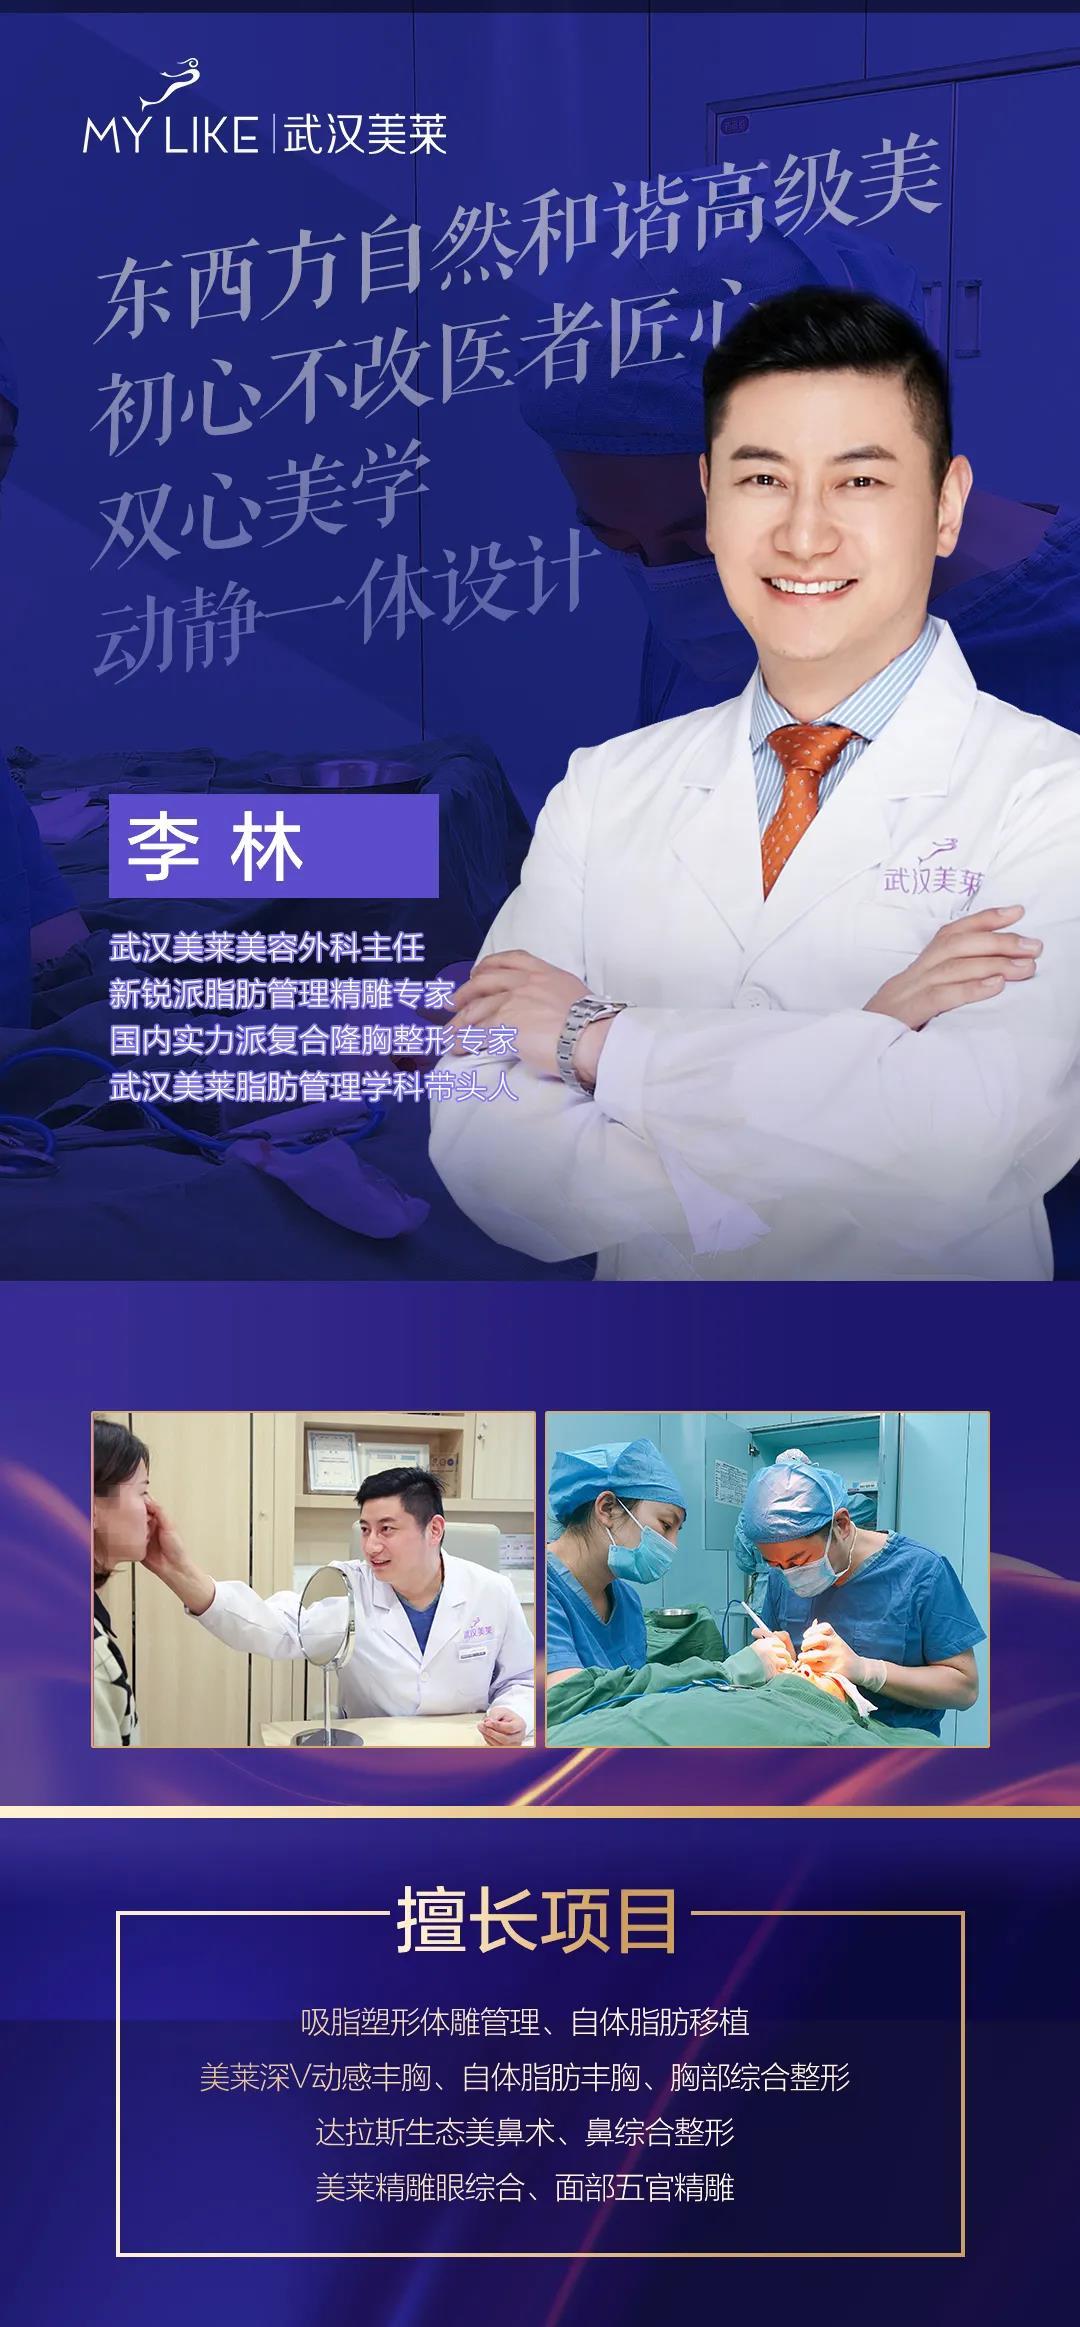 武汉美莱美容脂肪学科管理带头人:李林主任